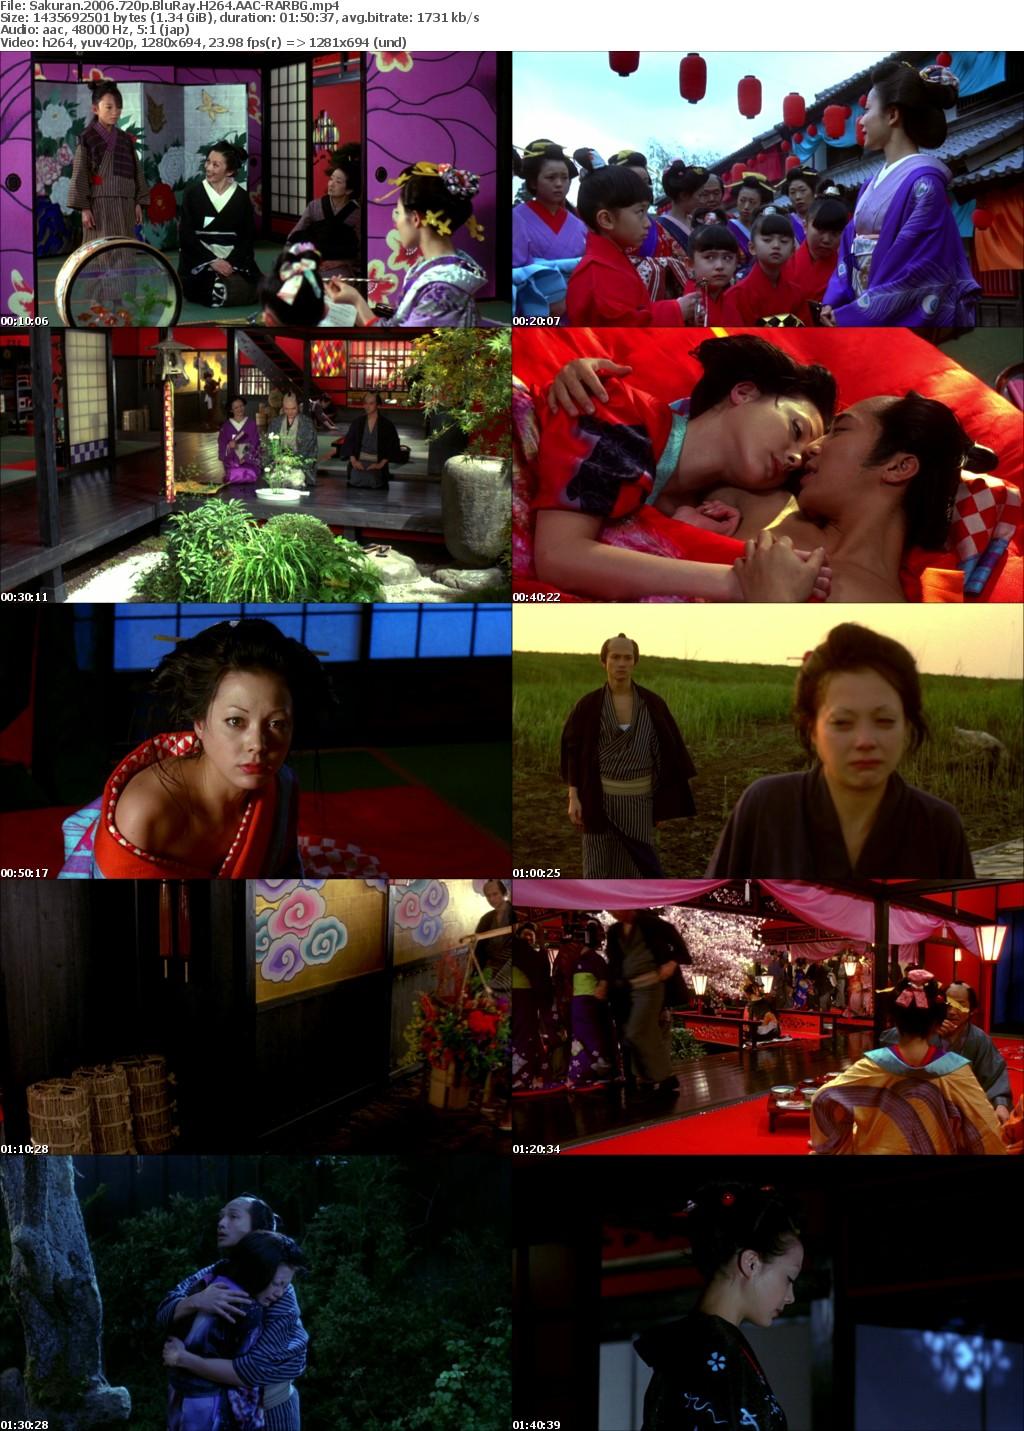 Sakuran 2006 720p BluRay H264 AAC-RARBG